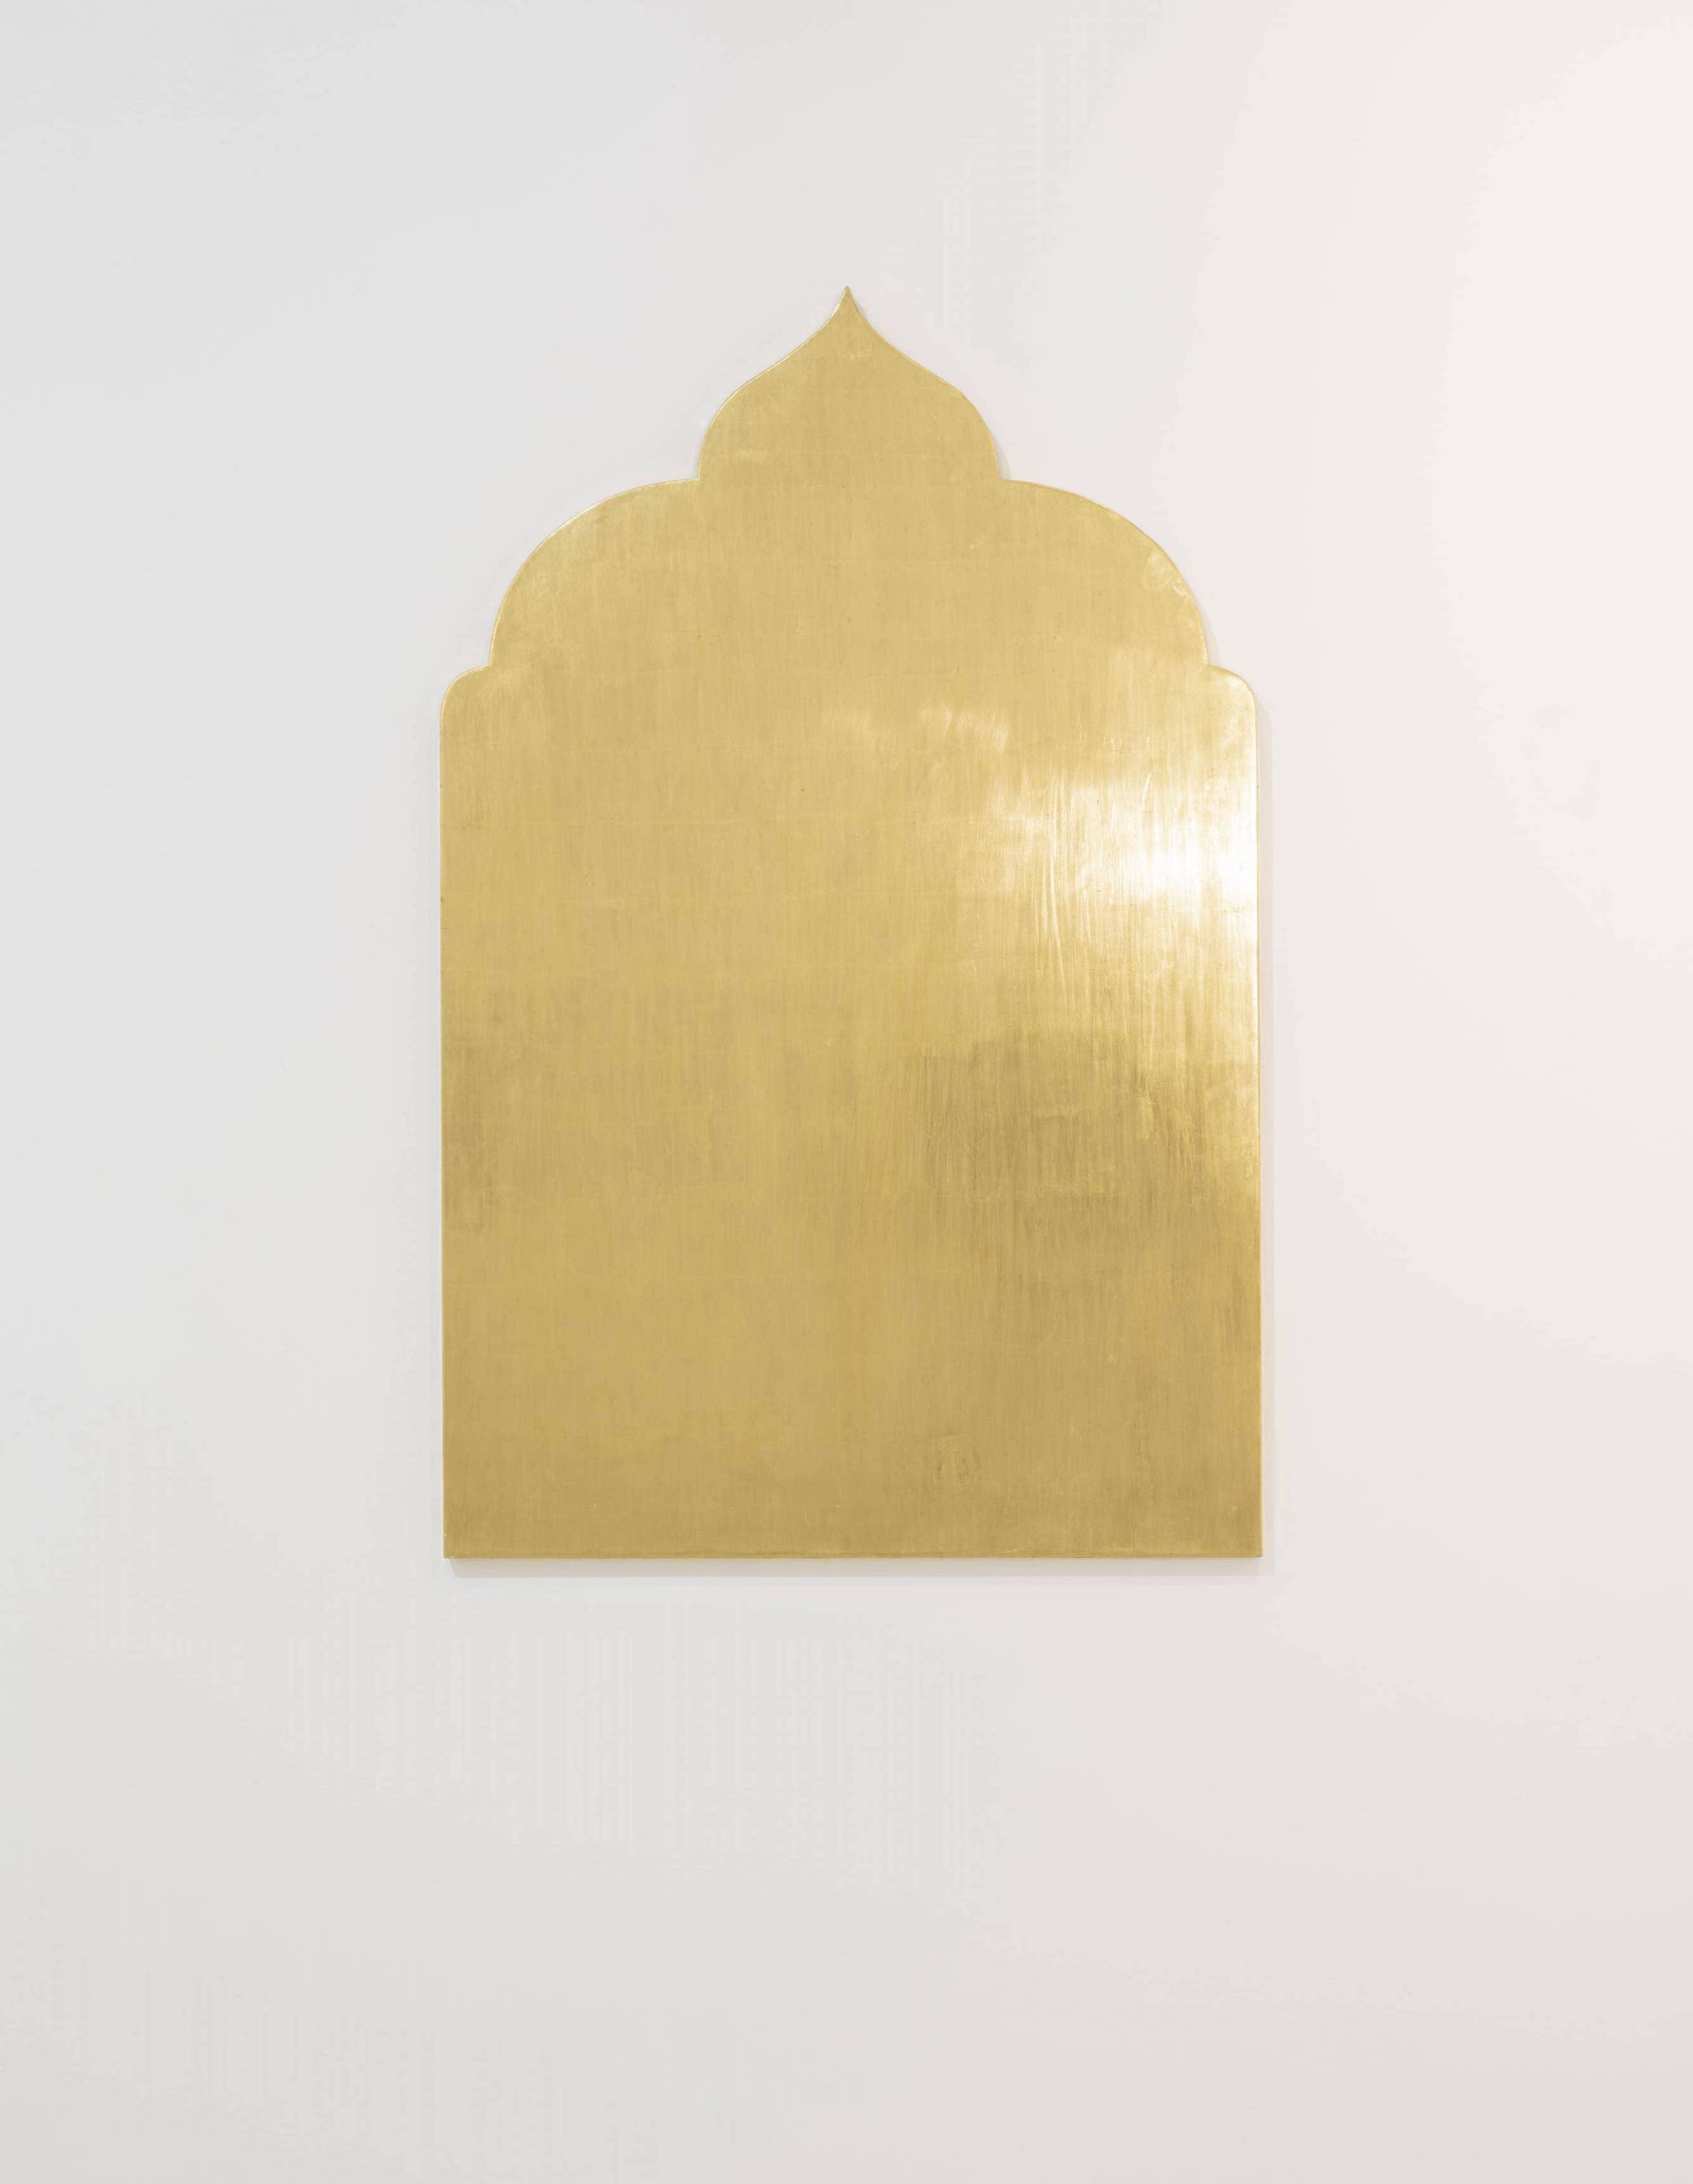 """""""La forma dell'oro"""", Paolo Canevari, """"Monumenti della Memoria (Golden Works)"""", 2019"""